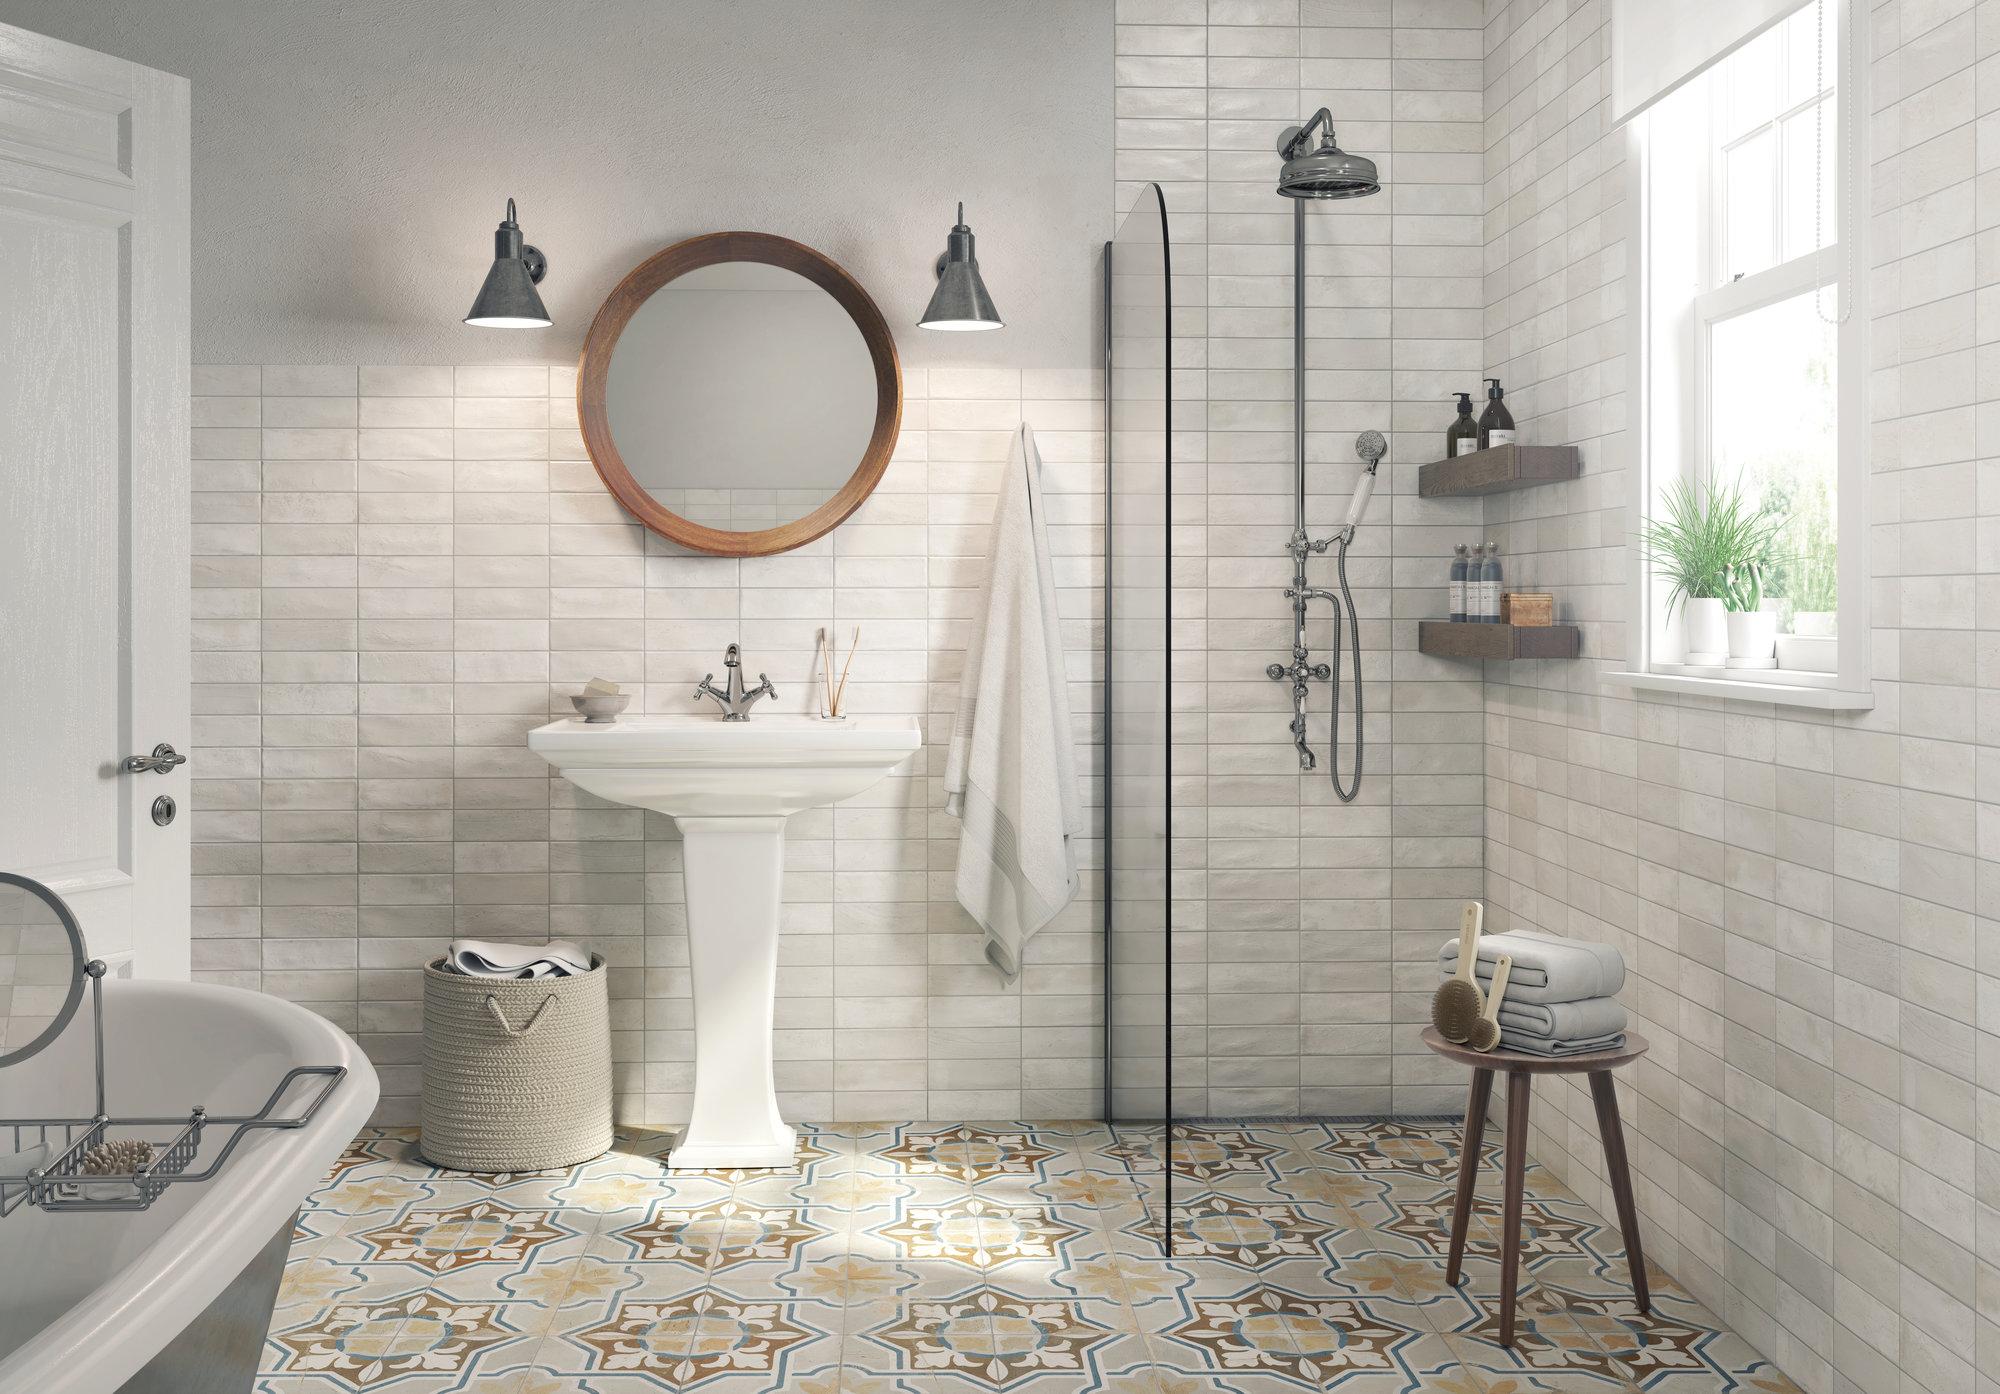 Łazienka z białą umywalką, okrągłym lustrem, kabiną prysznicową, wanną i płytkami FS Clay Seal